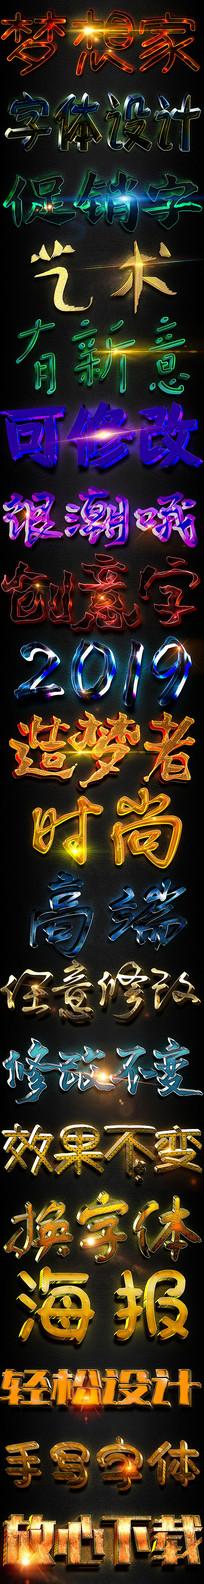 超霸气电影主题海报3D字体